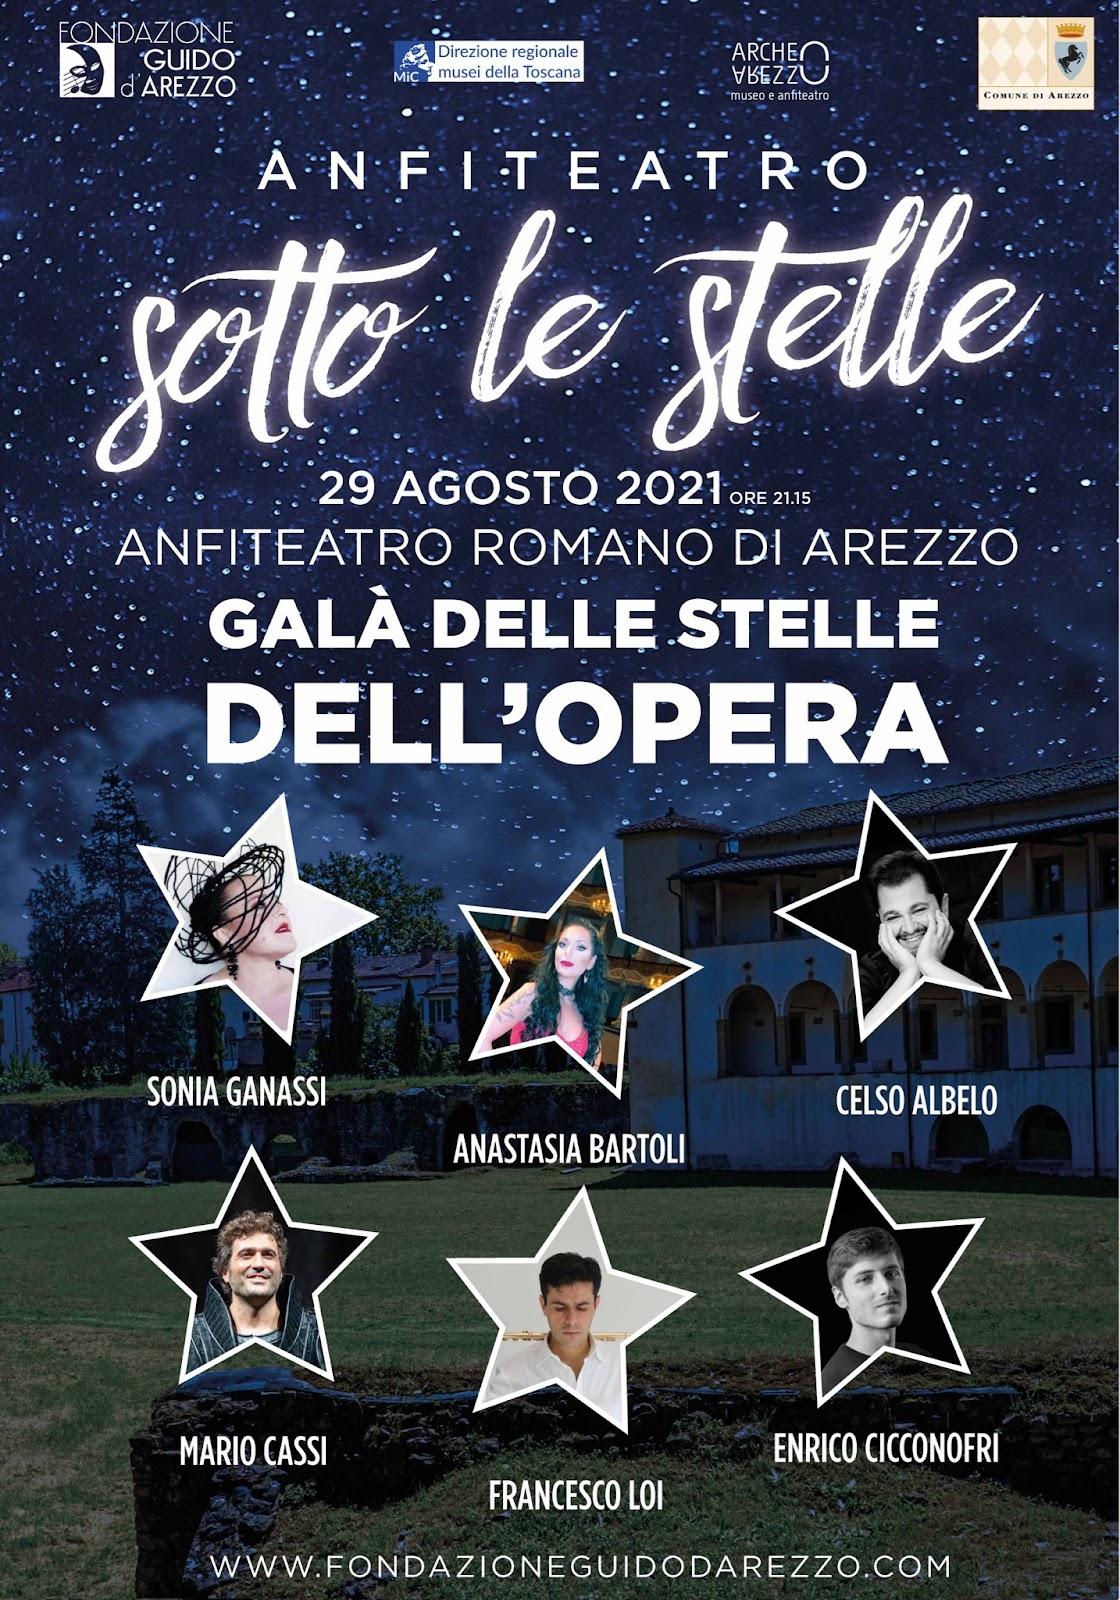 Galà delle stelle dell'Opera, appuntamento il 29 agosto all'anfiteatro romano di Arezzo